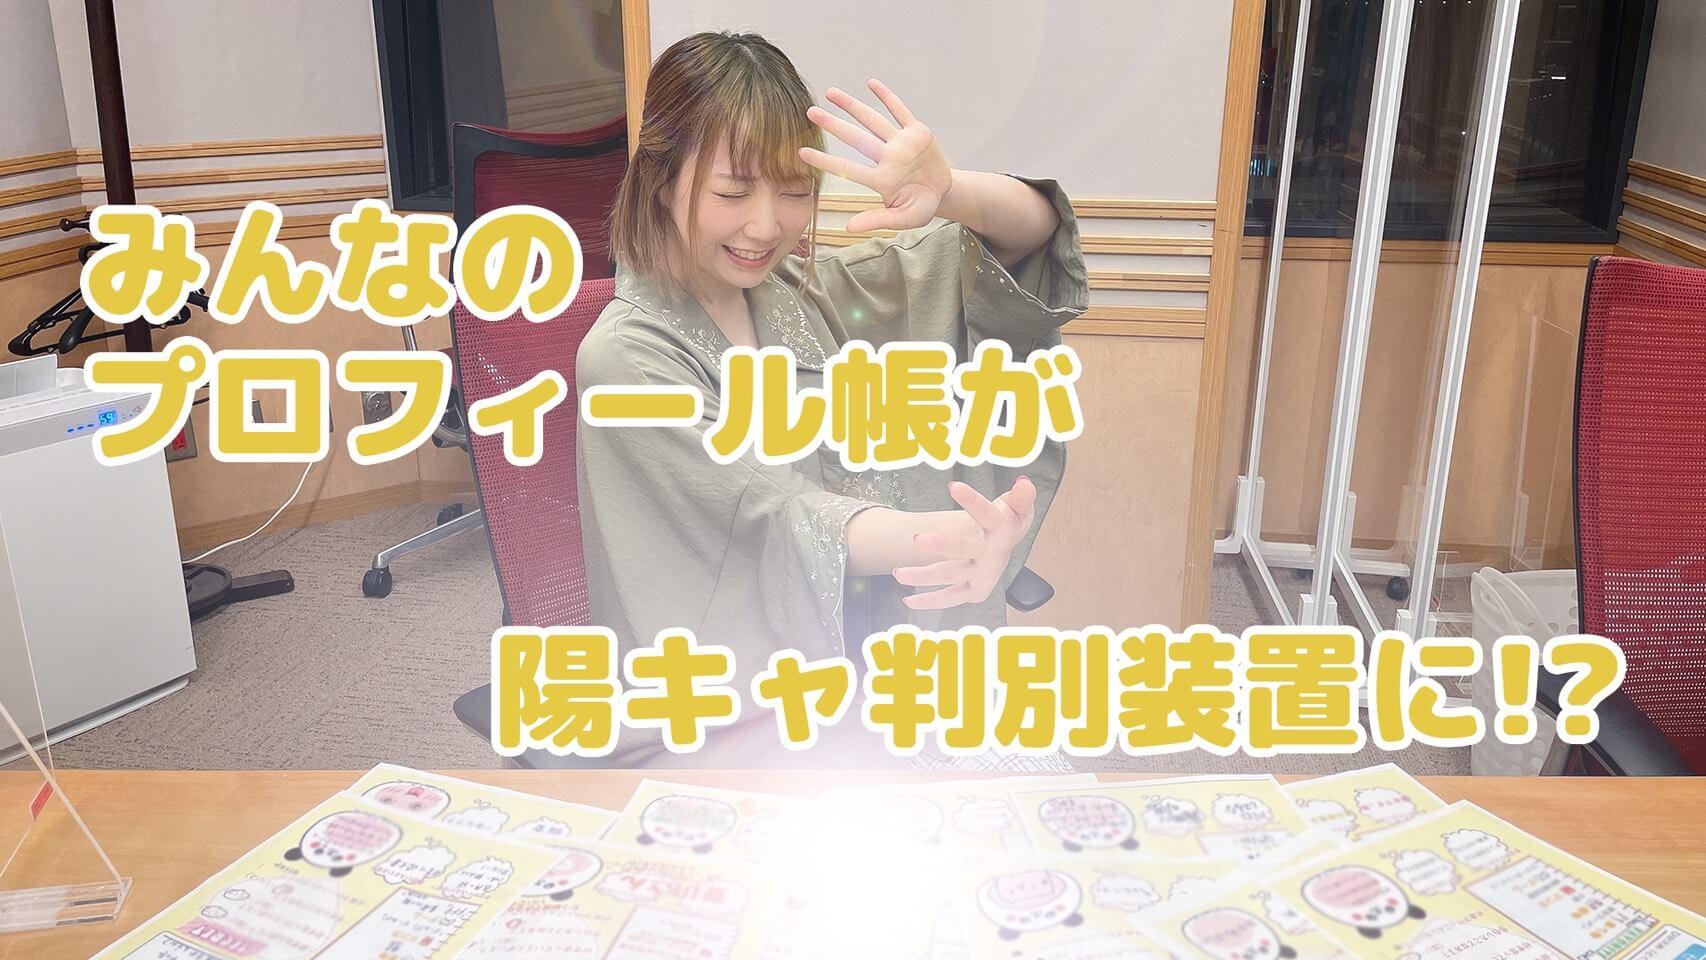 【夏川椎菜】みんなのプロフィール帳が陽キャ判別装置に!?